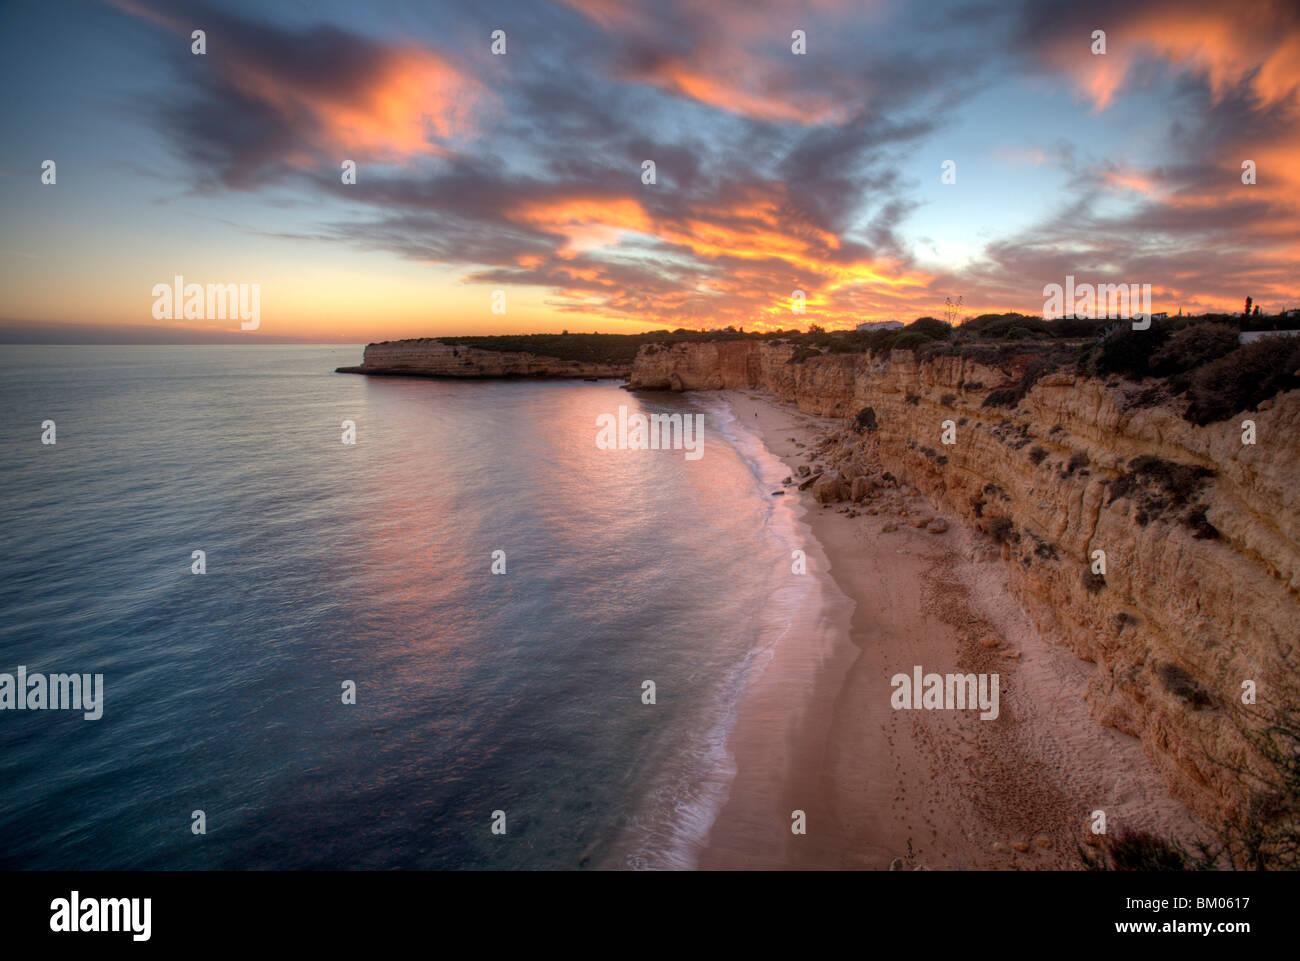 Ciudad de Porches, municipio de Lagoa, distrito de Faro, en la región de Algarve, Portugal Imagen De Stock